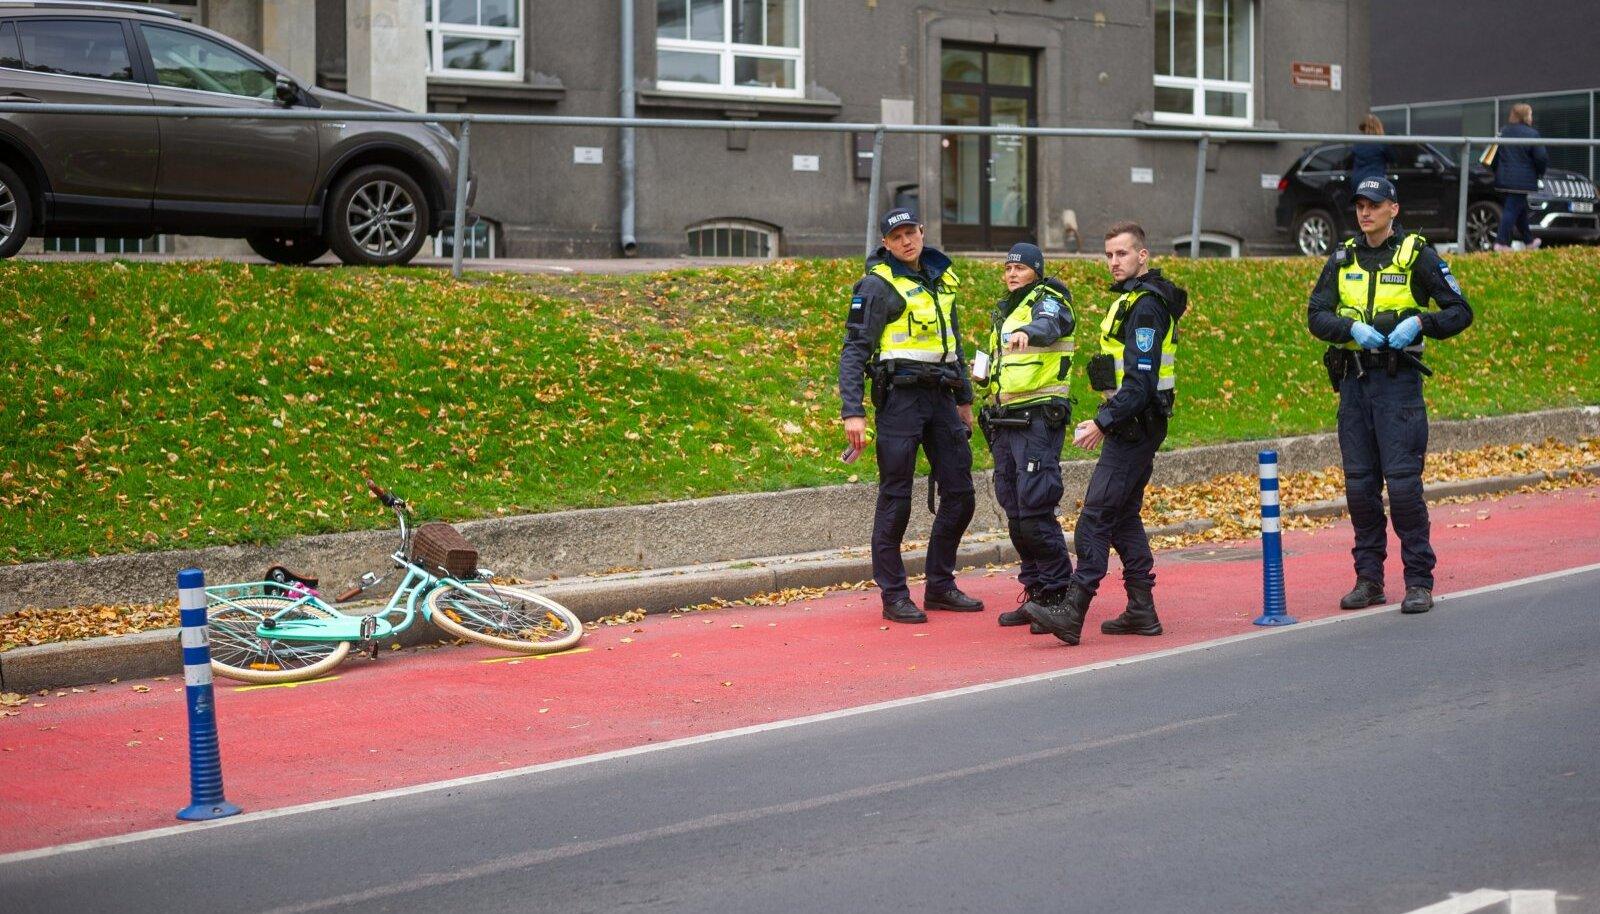 Tallinnas Kaarli kiriku juures juhtus õnnetus ratturiga.